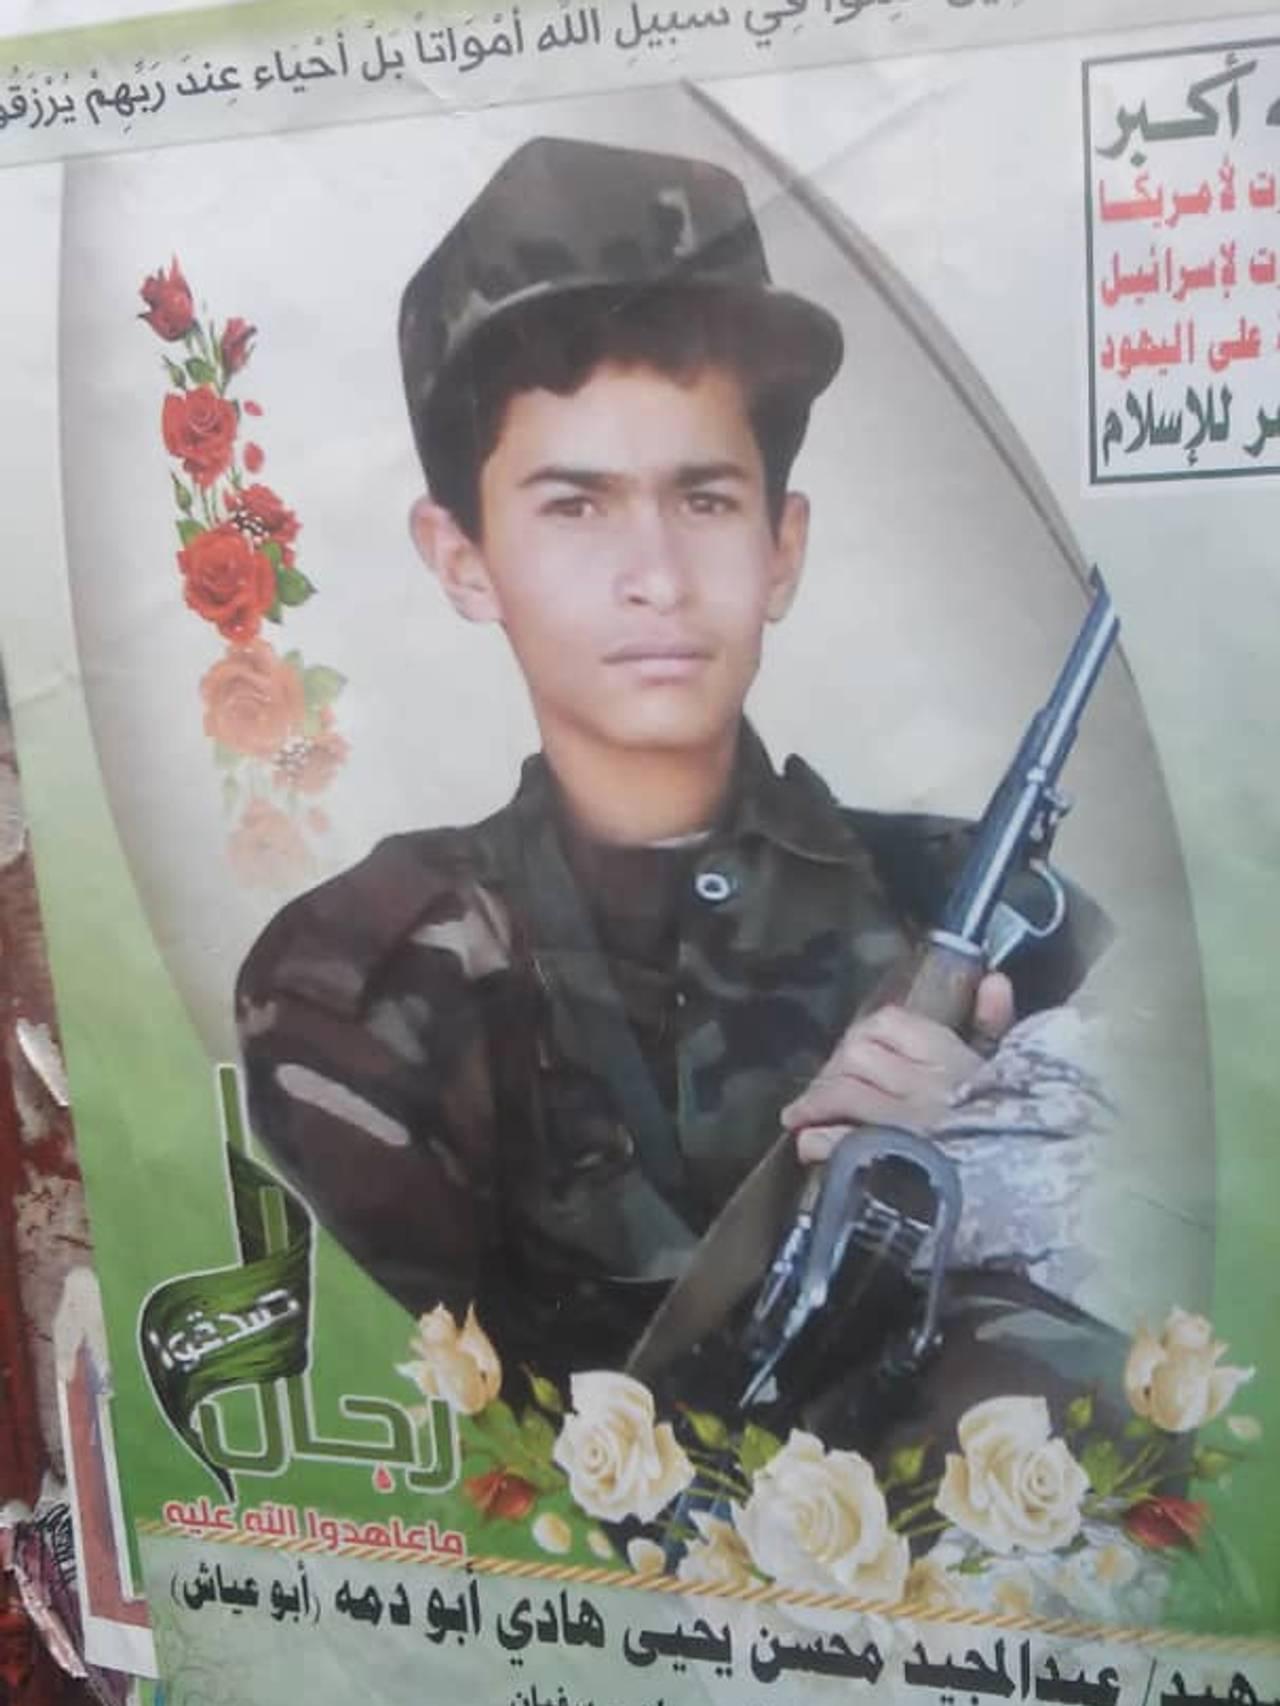 Barn på plakat som er drept i krig.